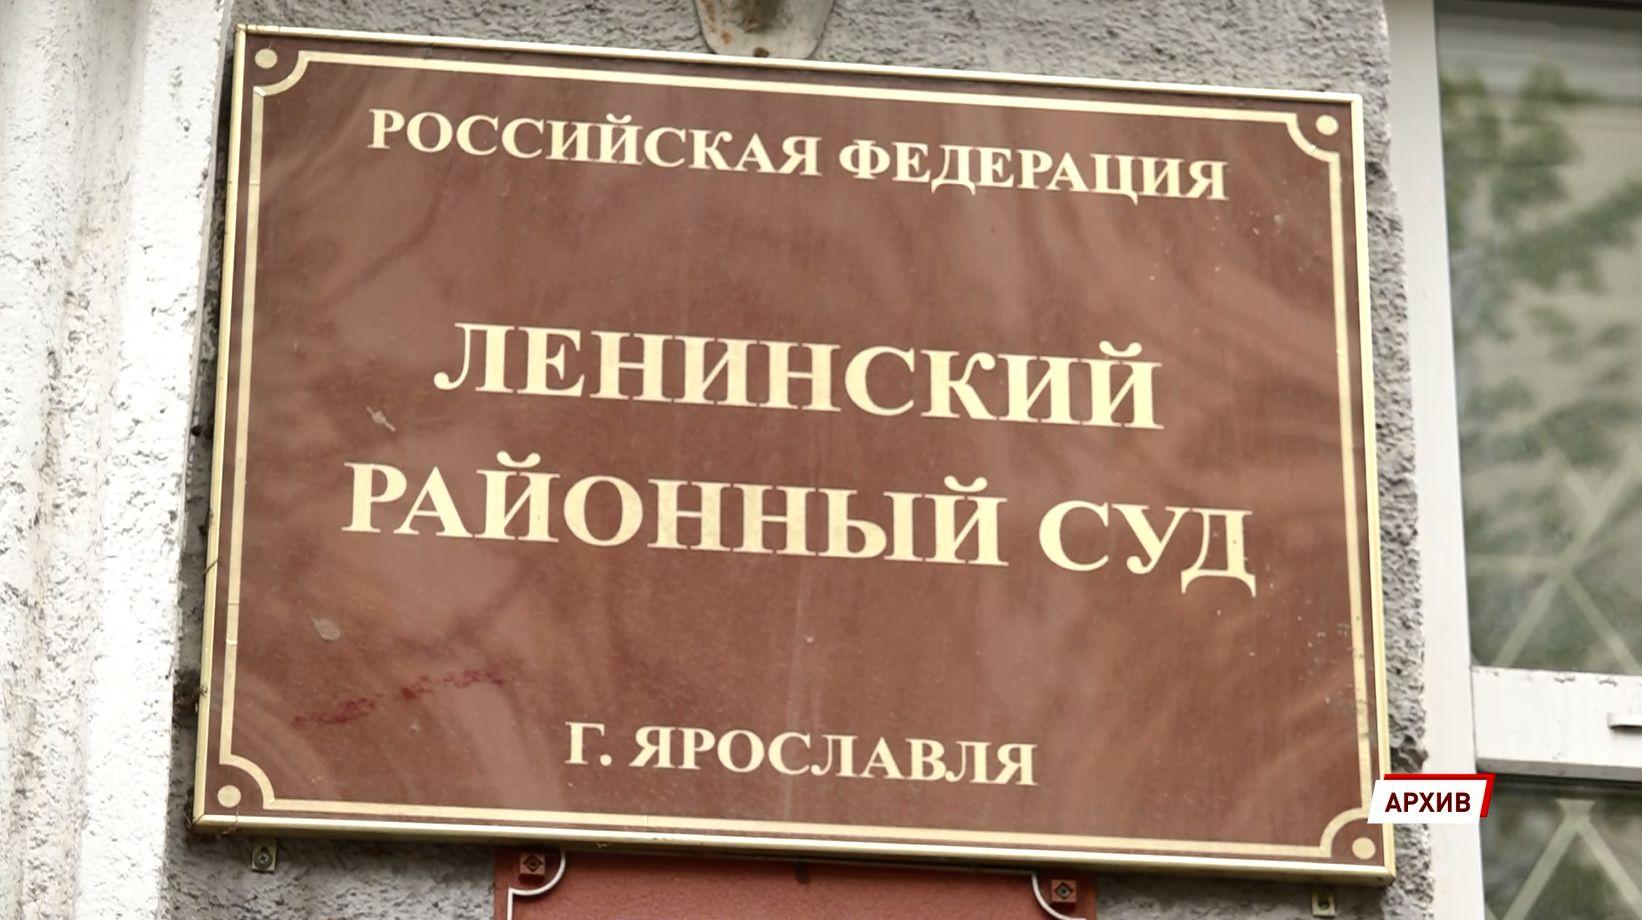 Дело ярославской мошенницы направлено в суд – общая сумма «наживы» 54 миллиона рублей